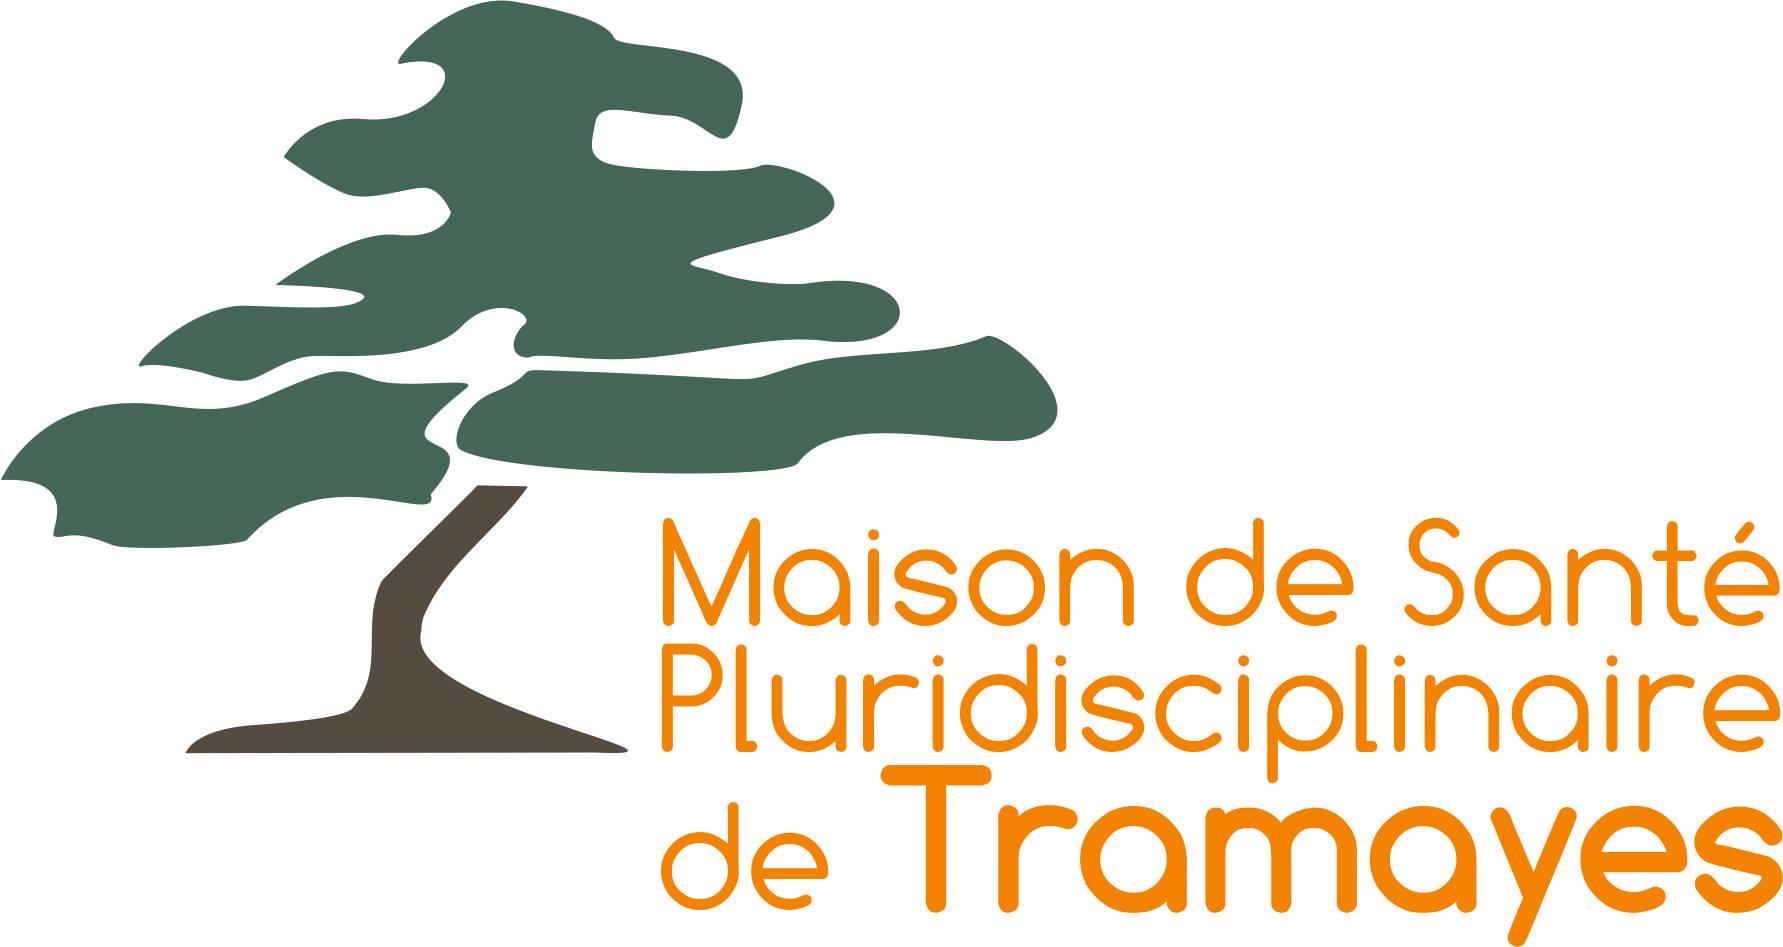 maison-sante-tramayes-logo.jpg